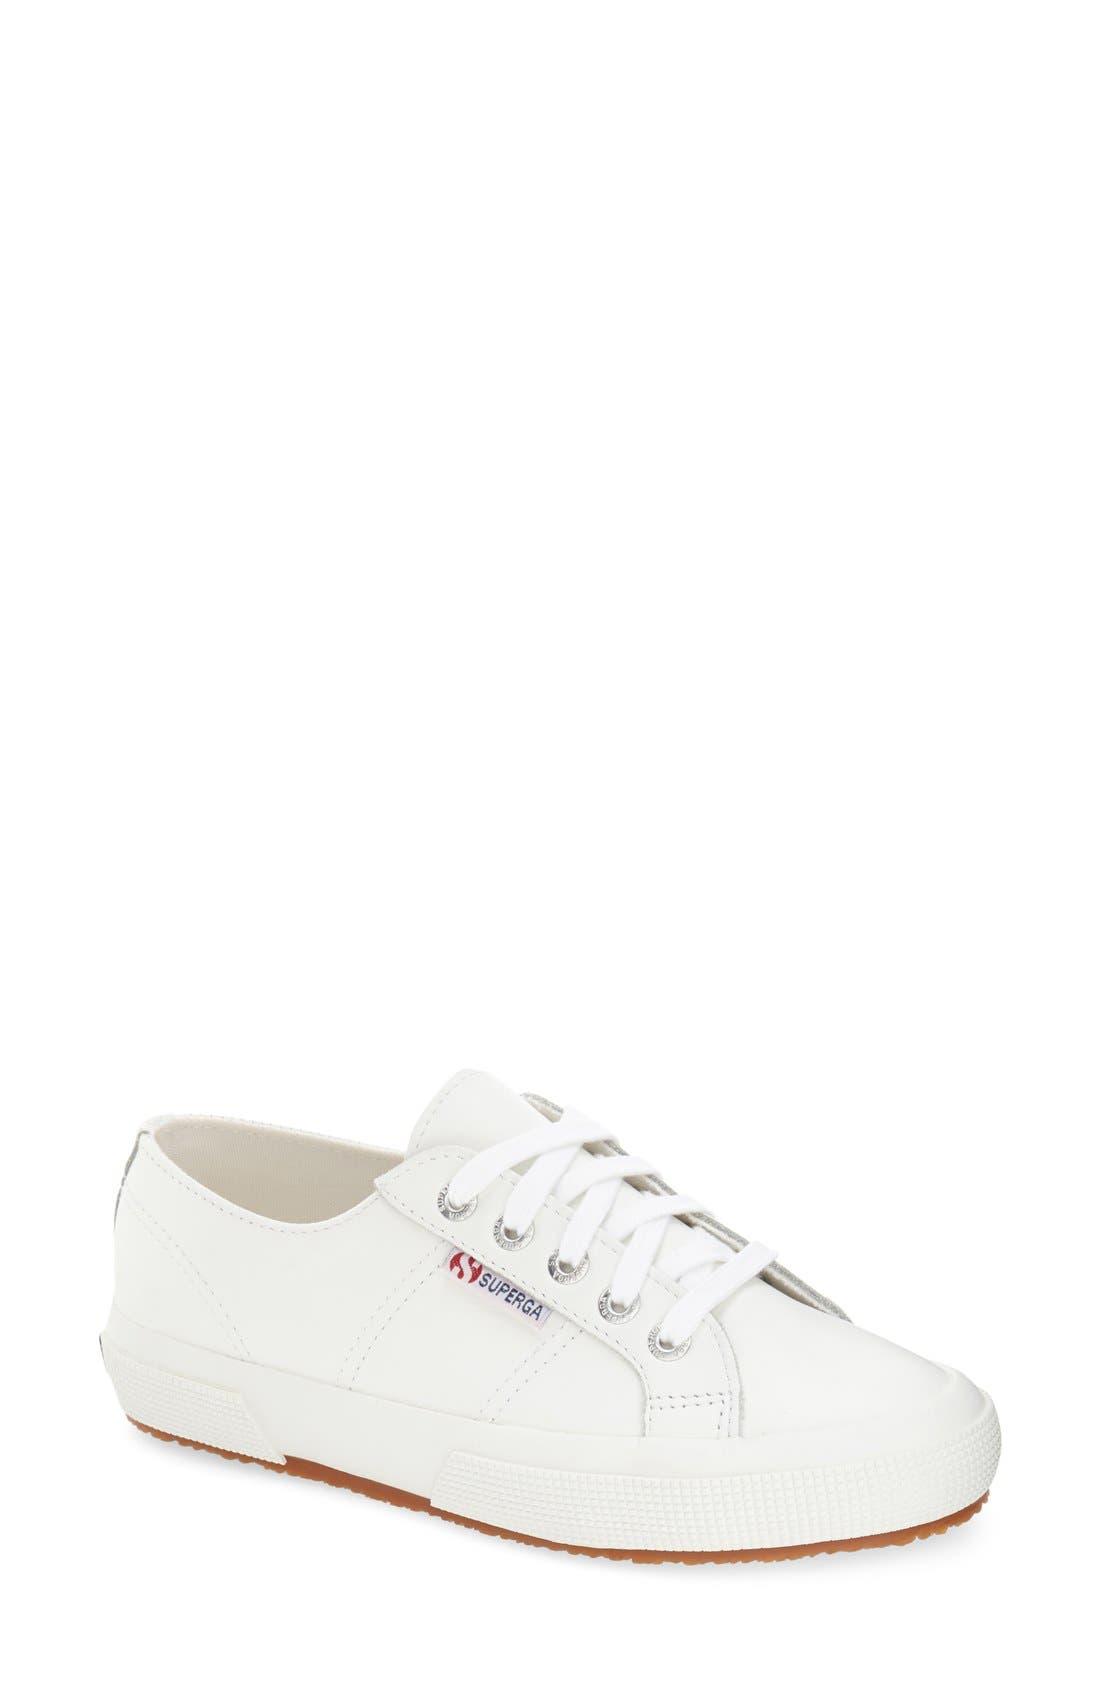 Superga '2750' Sneaker (Women)